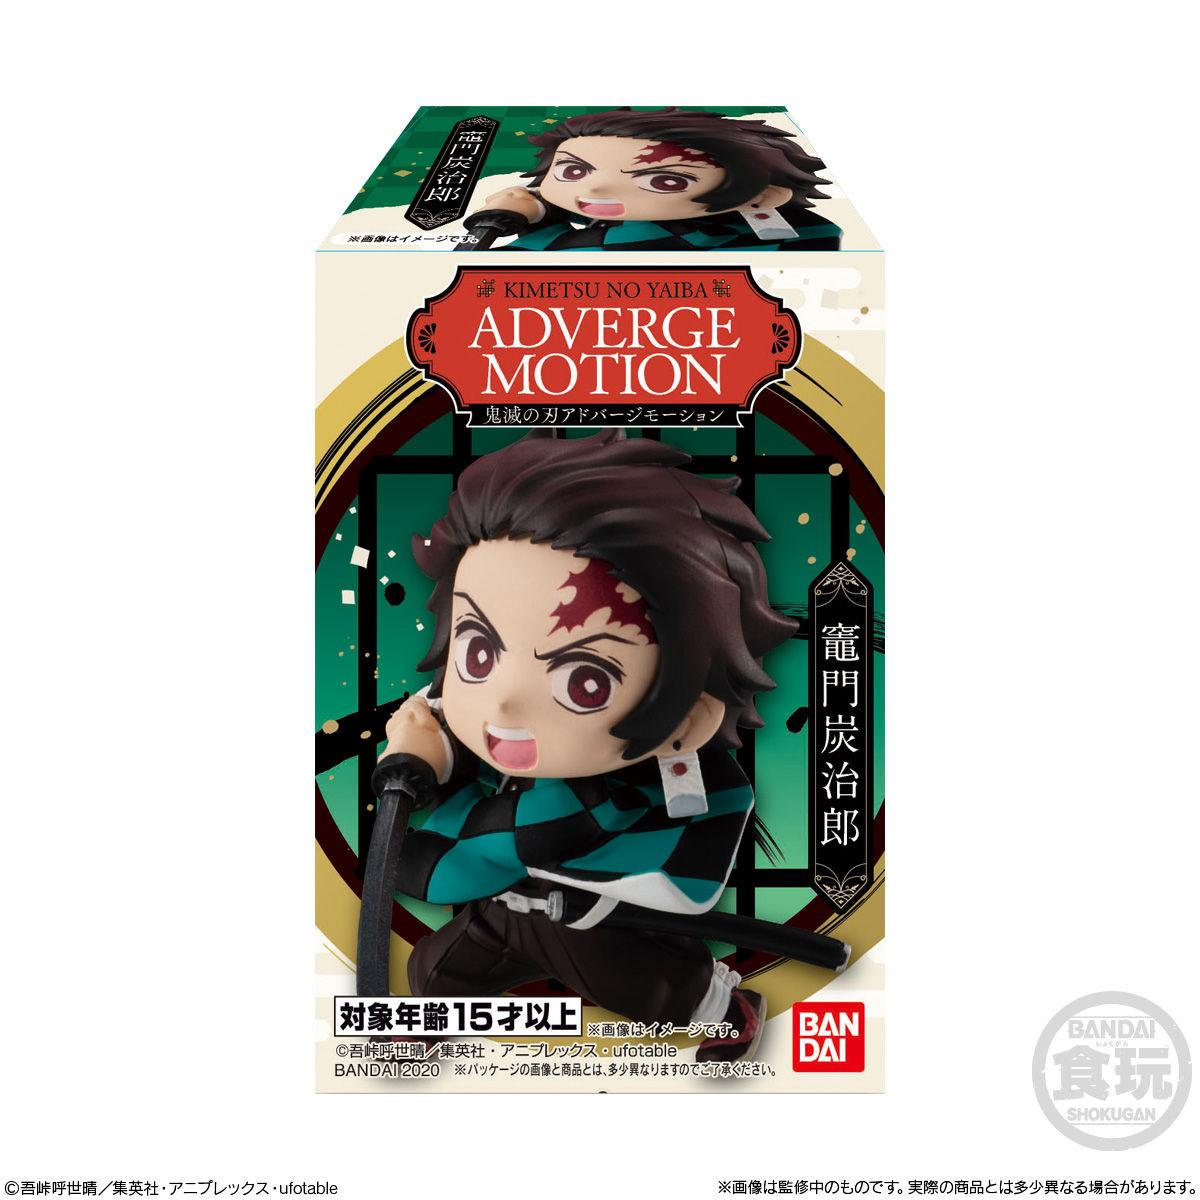 鬼滅の刃 ADVERGE MOTION_6